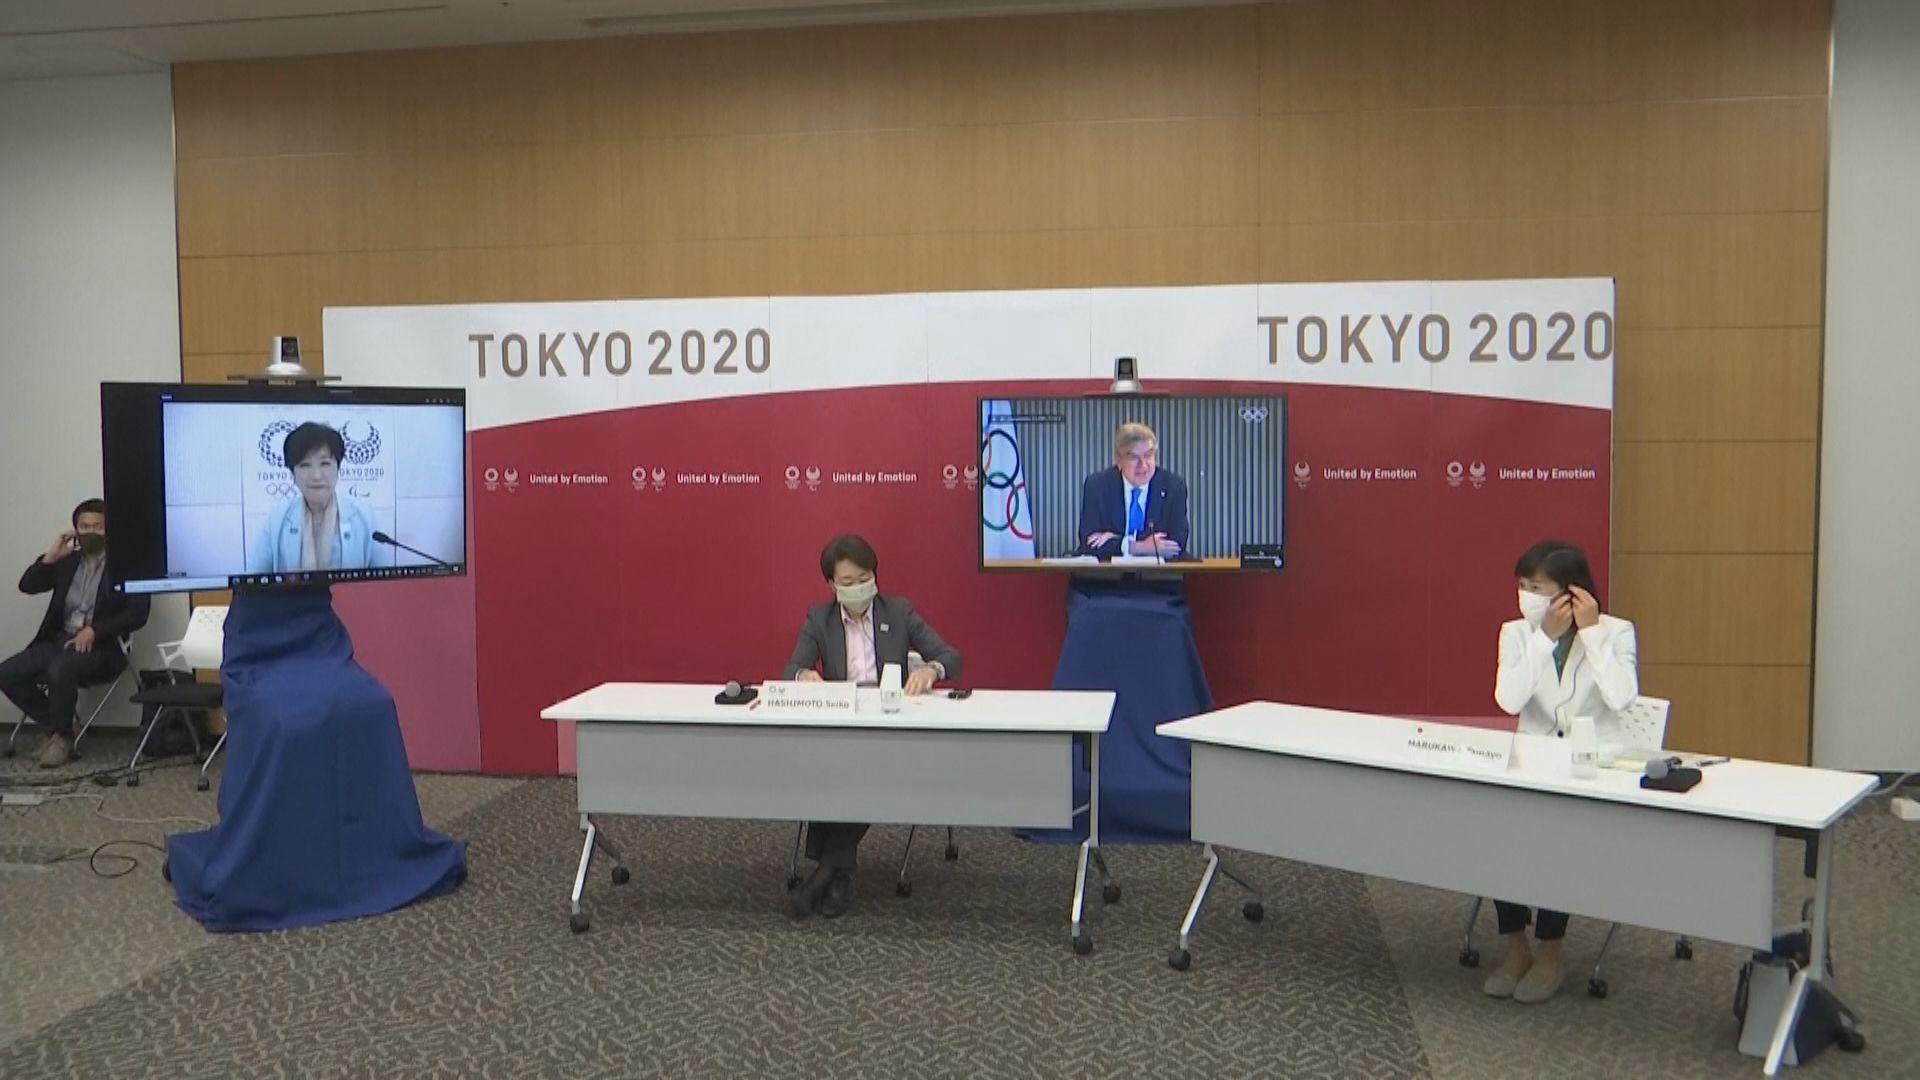 東京增660宗確診 據報當局再審視奧運入場人數上限